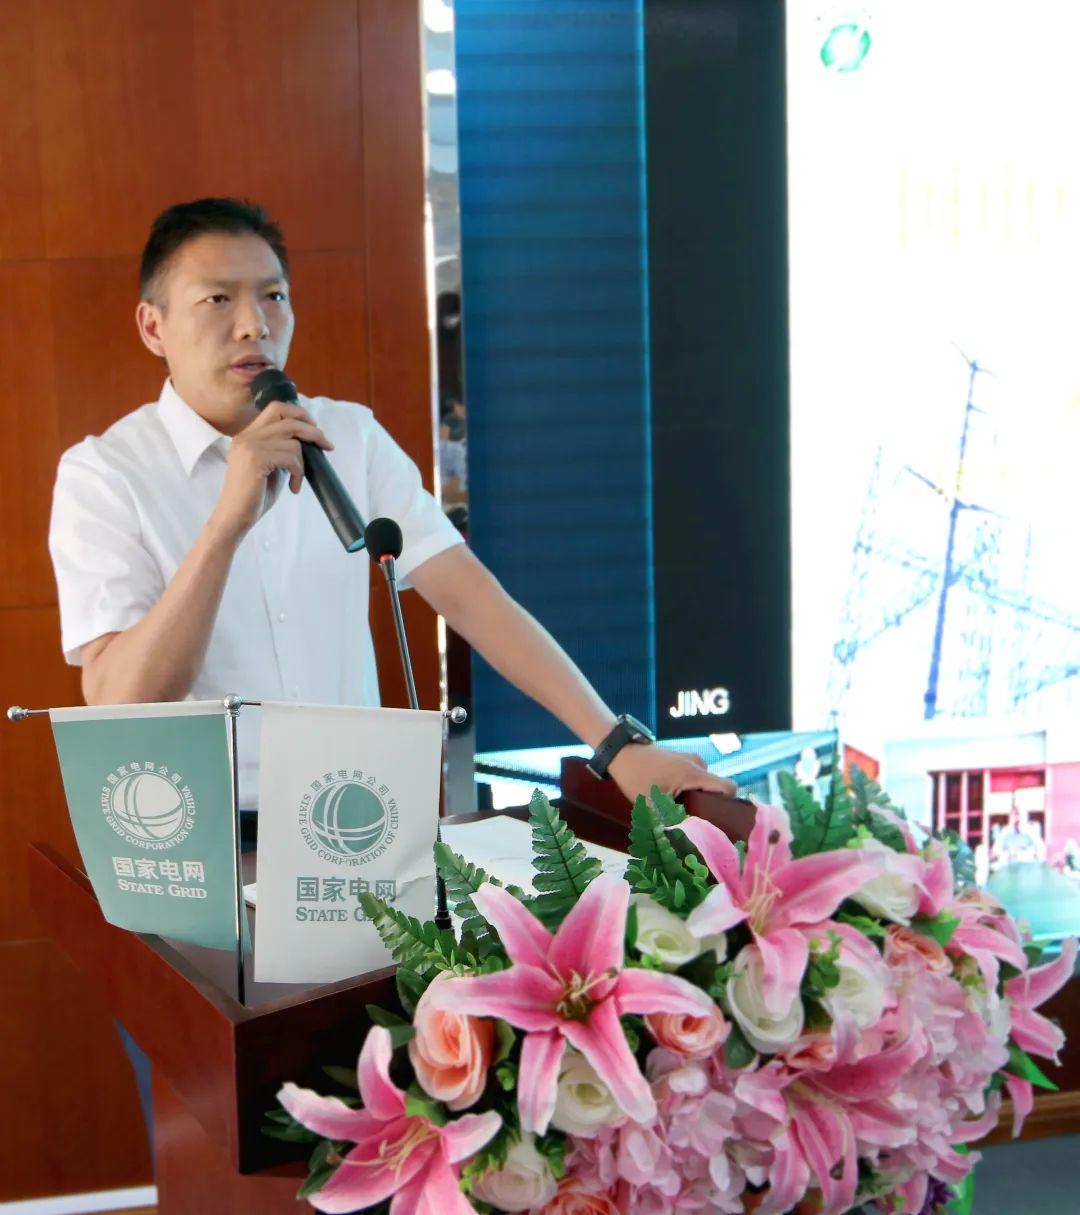 国电中兴电力集团召开五月份工程